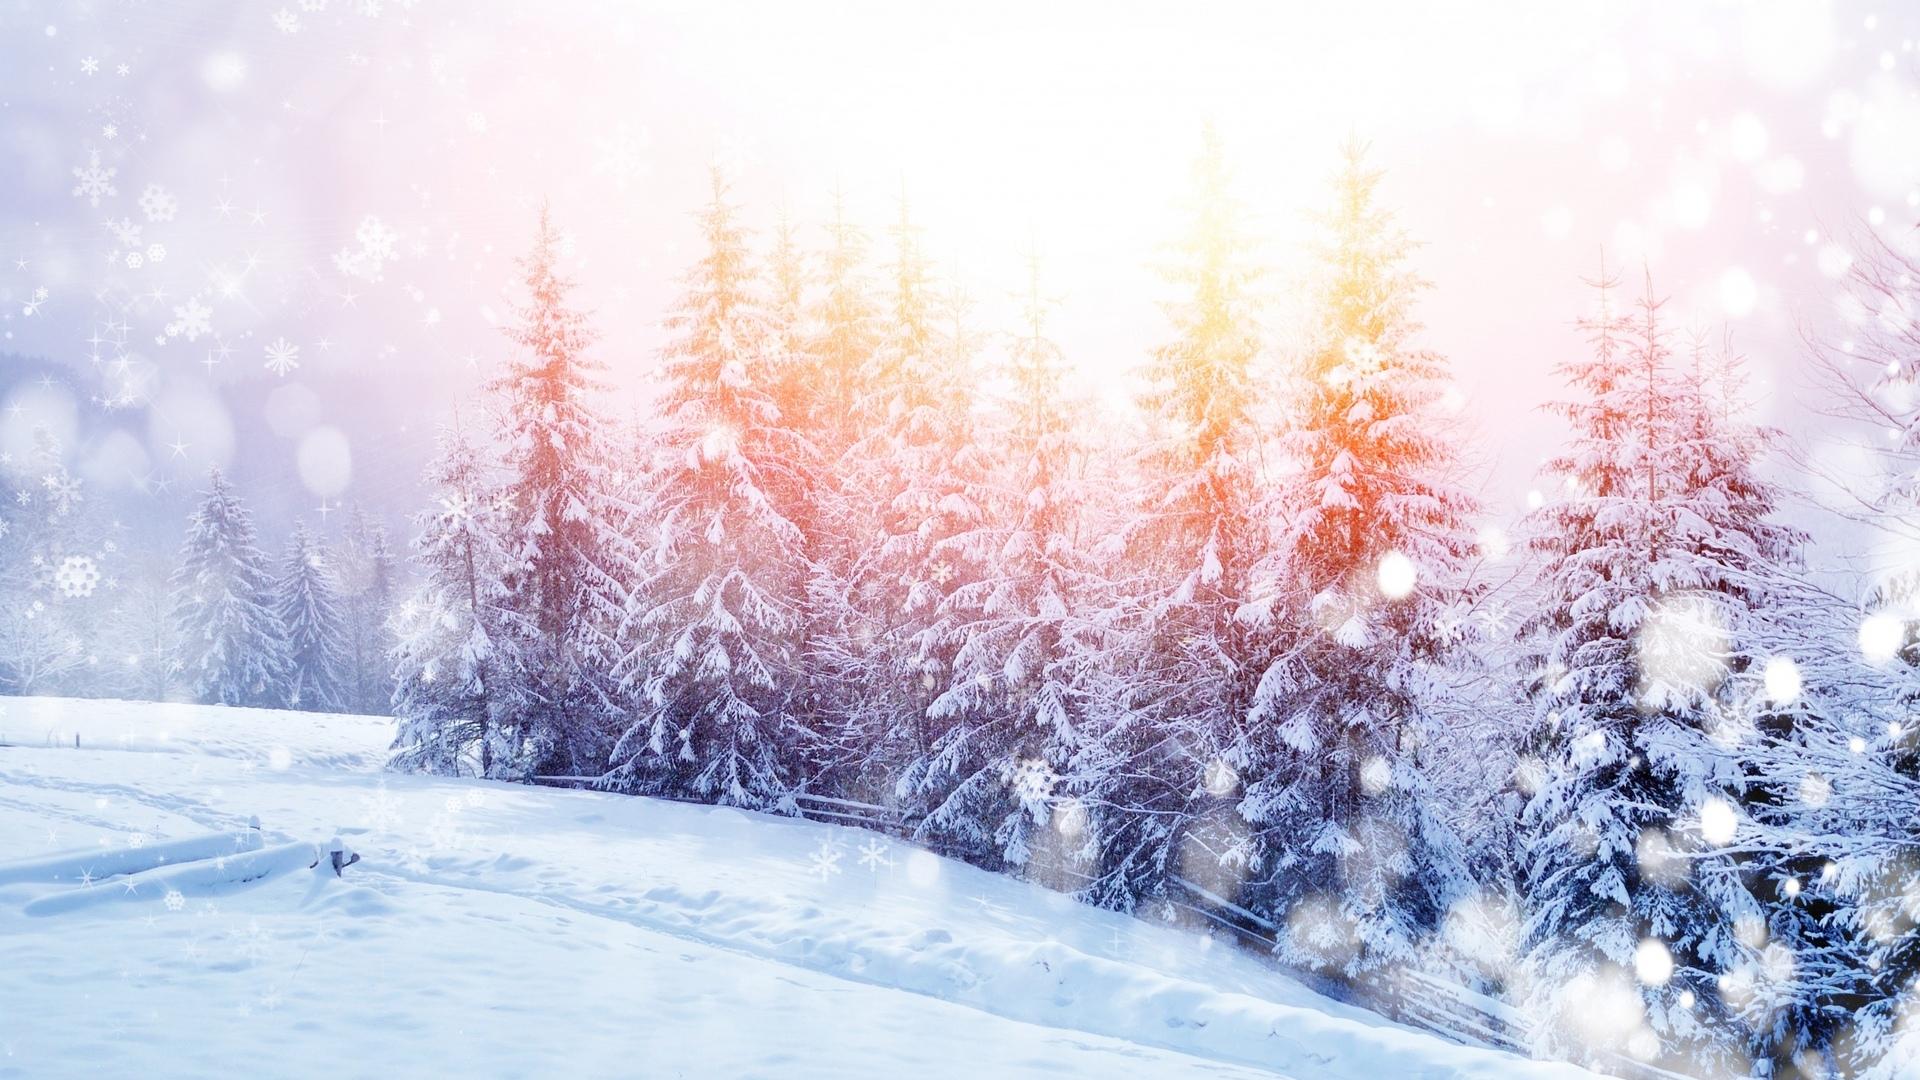 Обои начало зимы на рабочий стол (11)